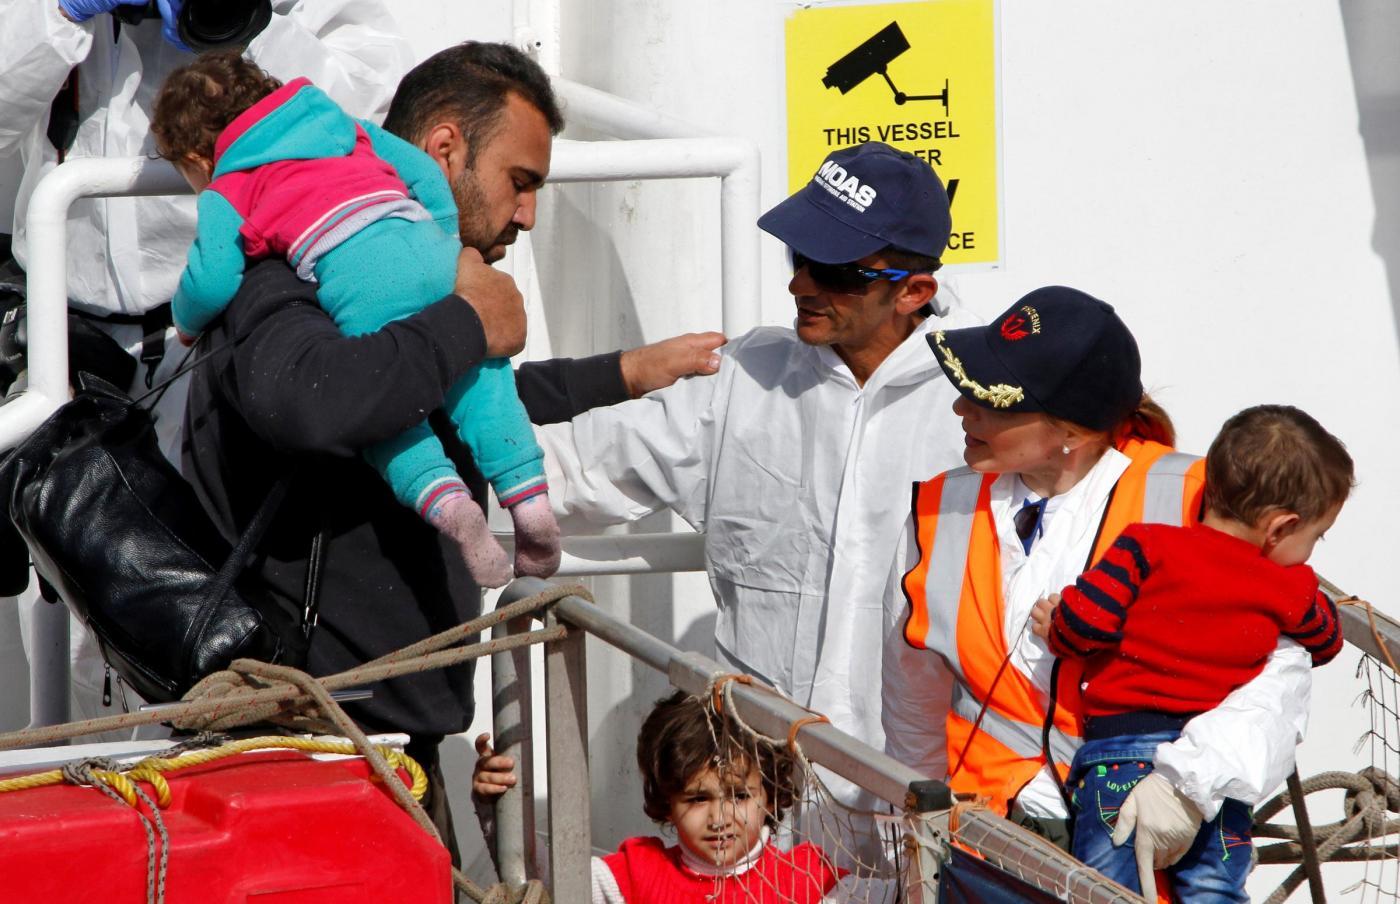 Migranti, attesi sbarchi record in Italia: il piano del Viminale con 11 nuovi centri per i rimpatri